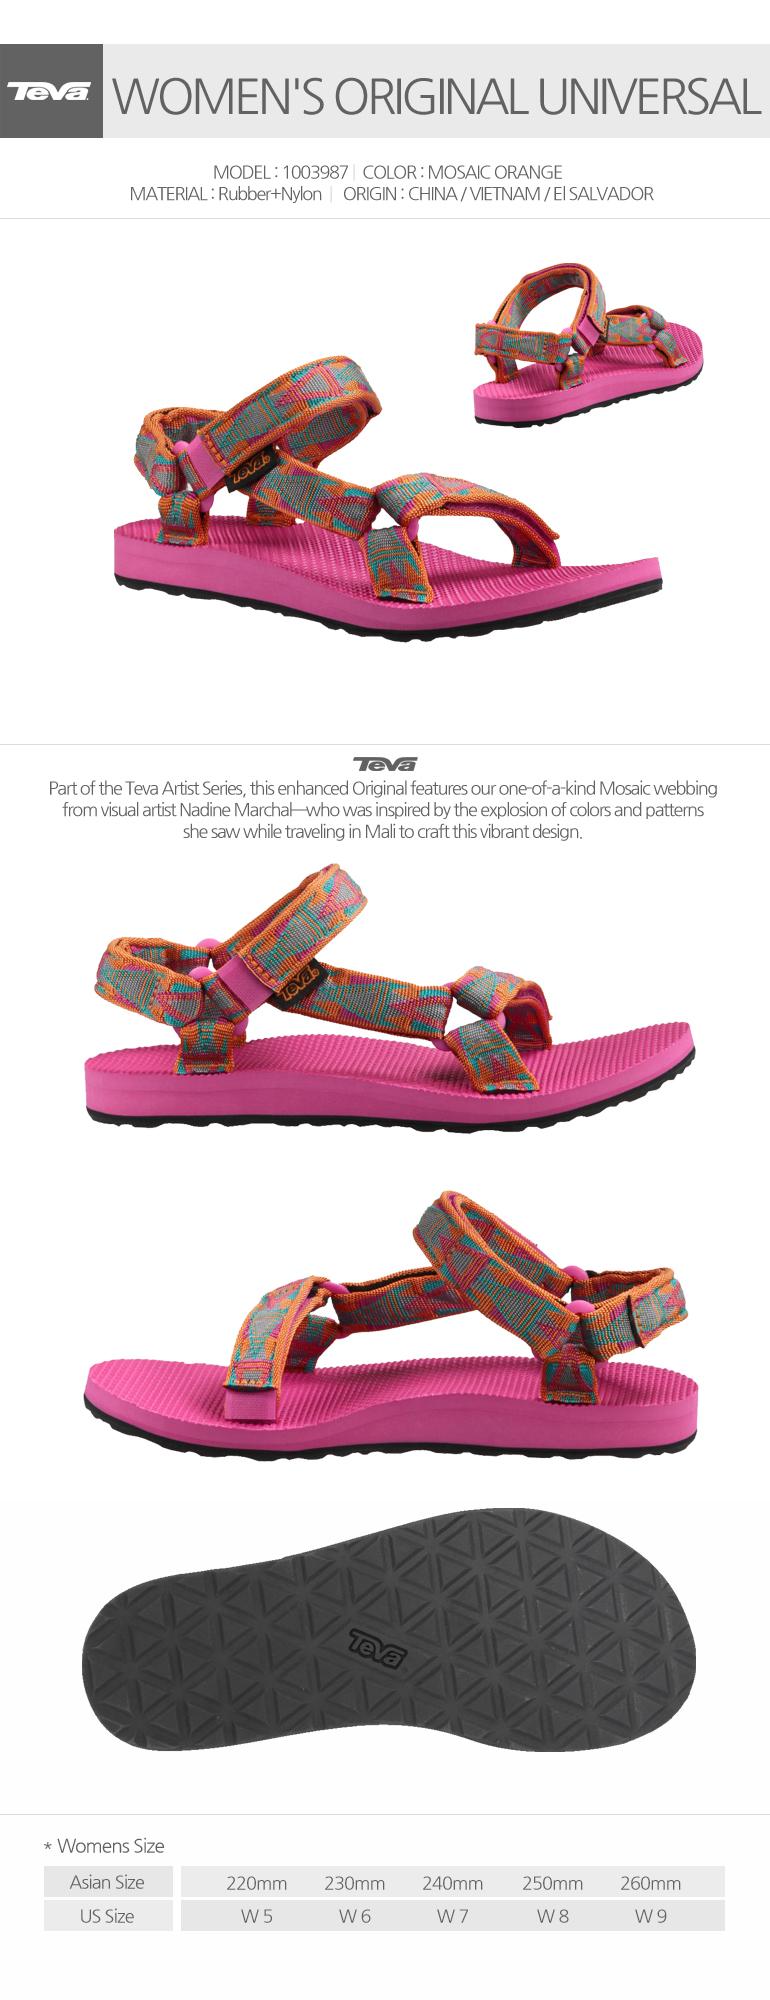 3db63104ed18 Buy  TEVA   Teva Original Sandals  Original Universal Sandals   Shoe ...